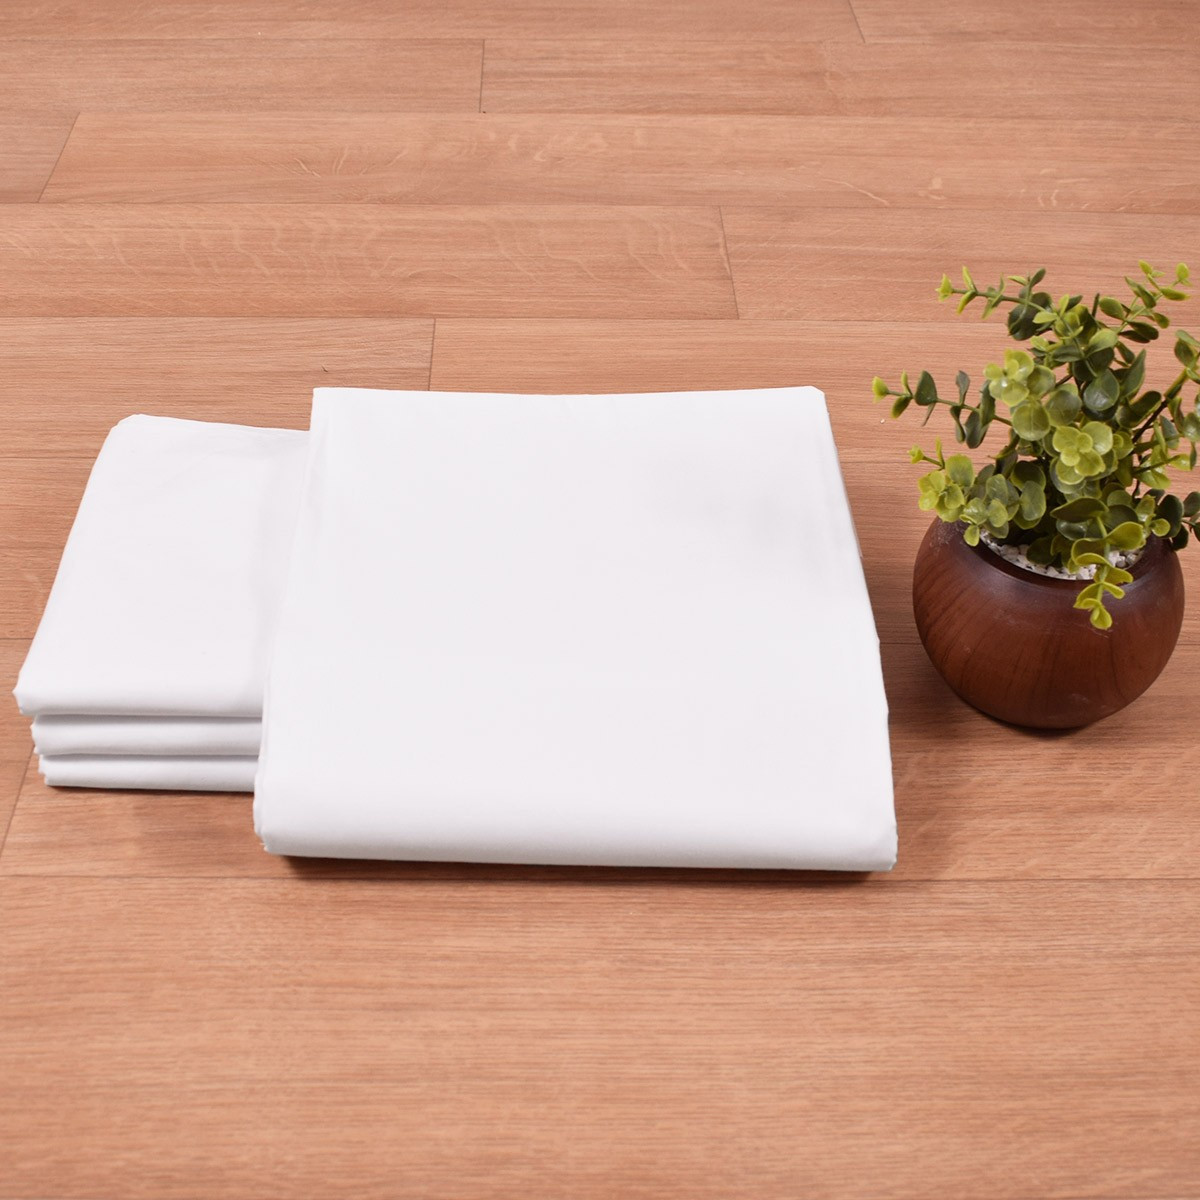 Παπλωματοθήκη (165x235) Καρίμ 50%Βαμβάκι 50%Polyester T144 home   επαγγελματικός εξοπλισμός   ξενοδοχειακός εξοπλισμός   παπλώματα   παπλωμ